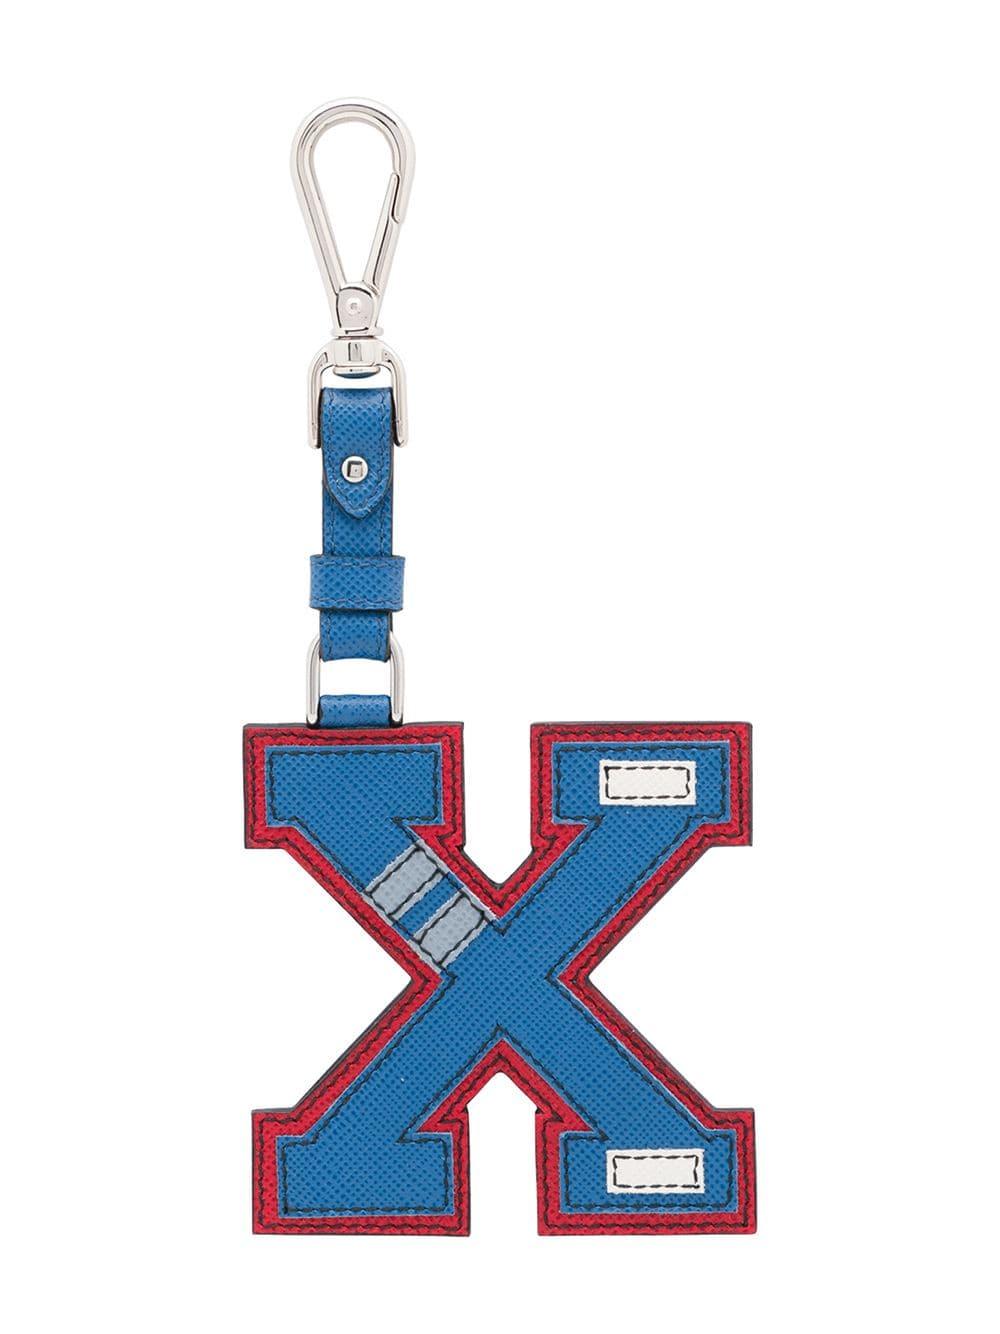 Prada 'X' Schlüsselanhänger - Blau